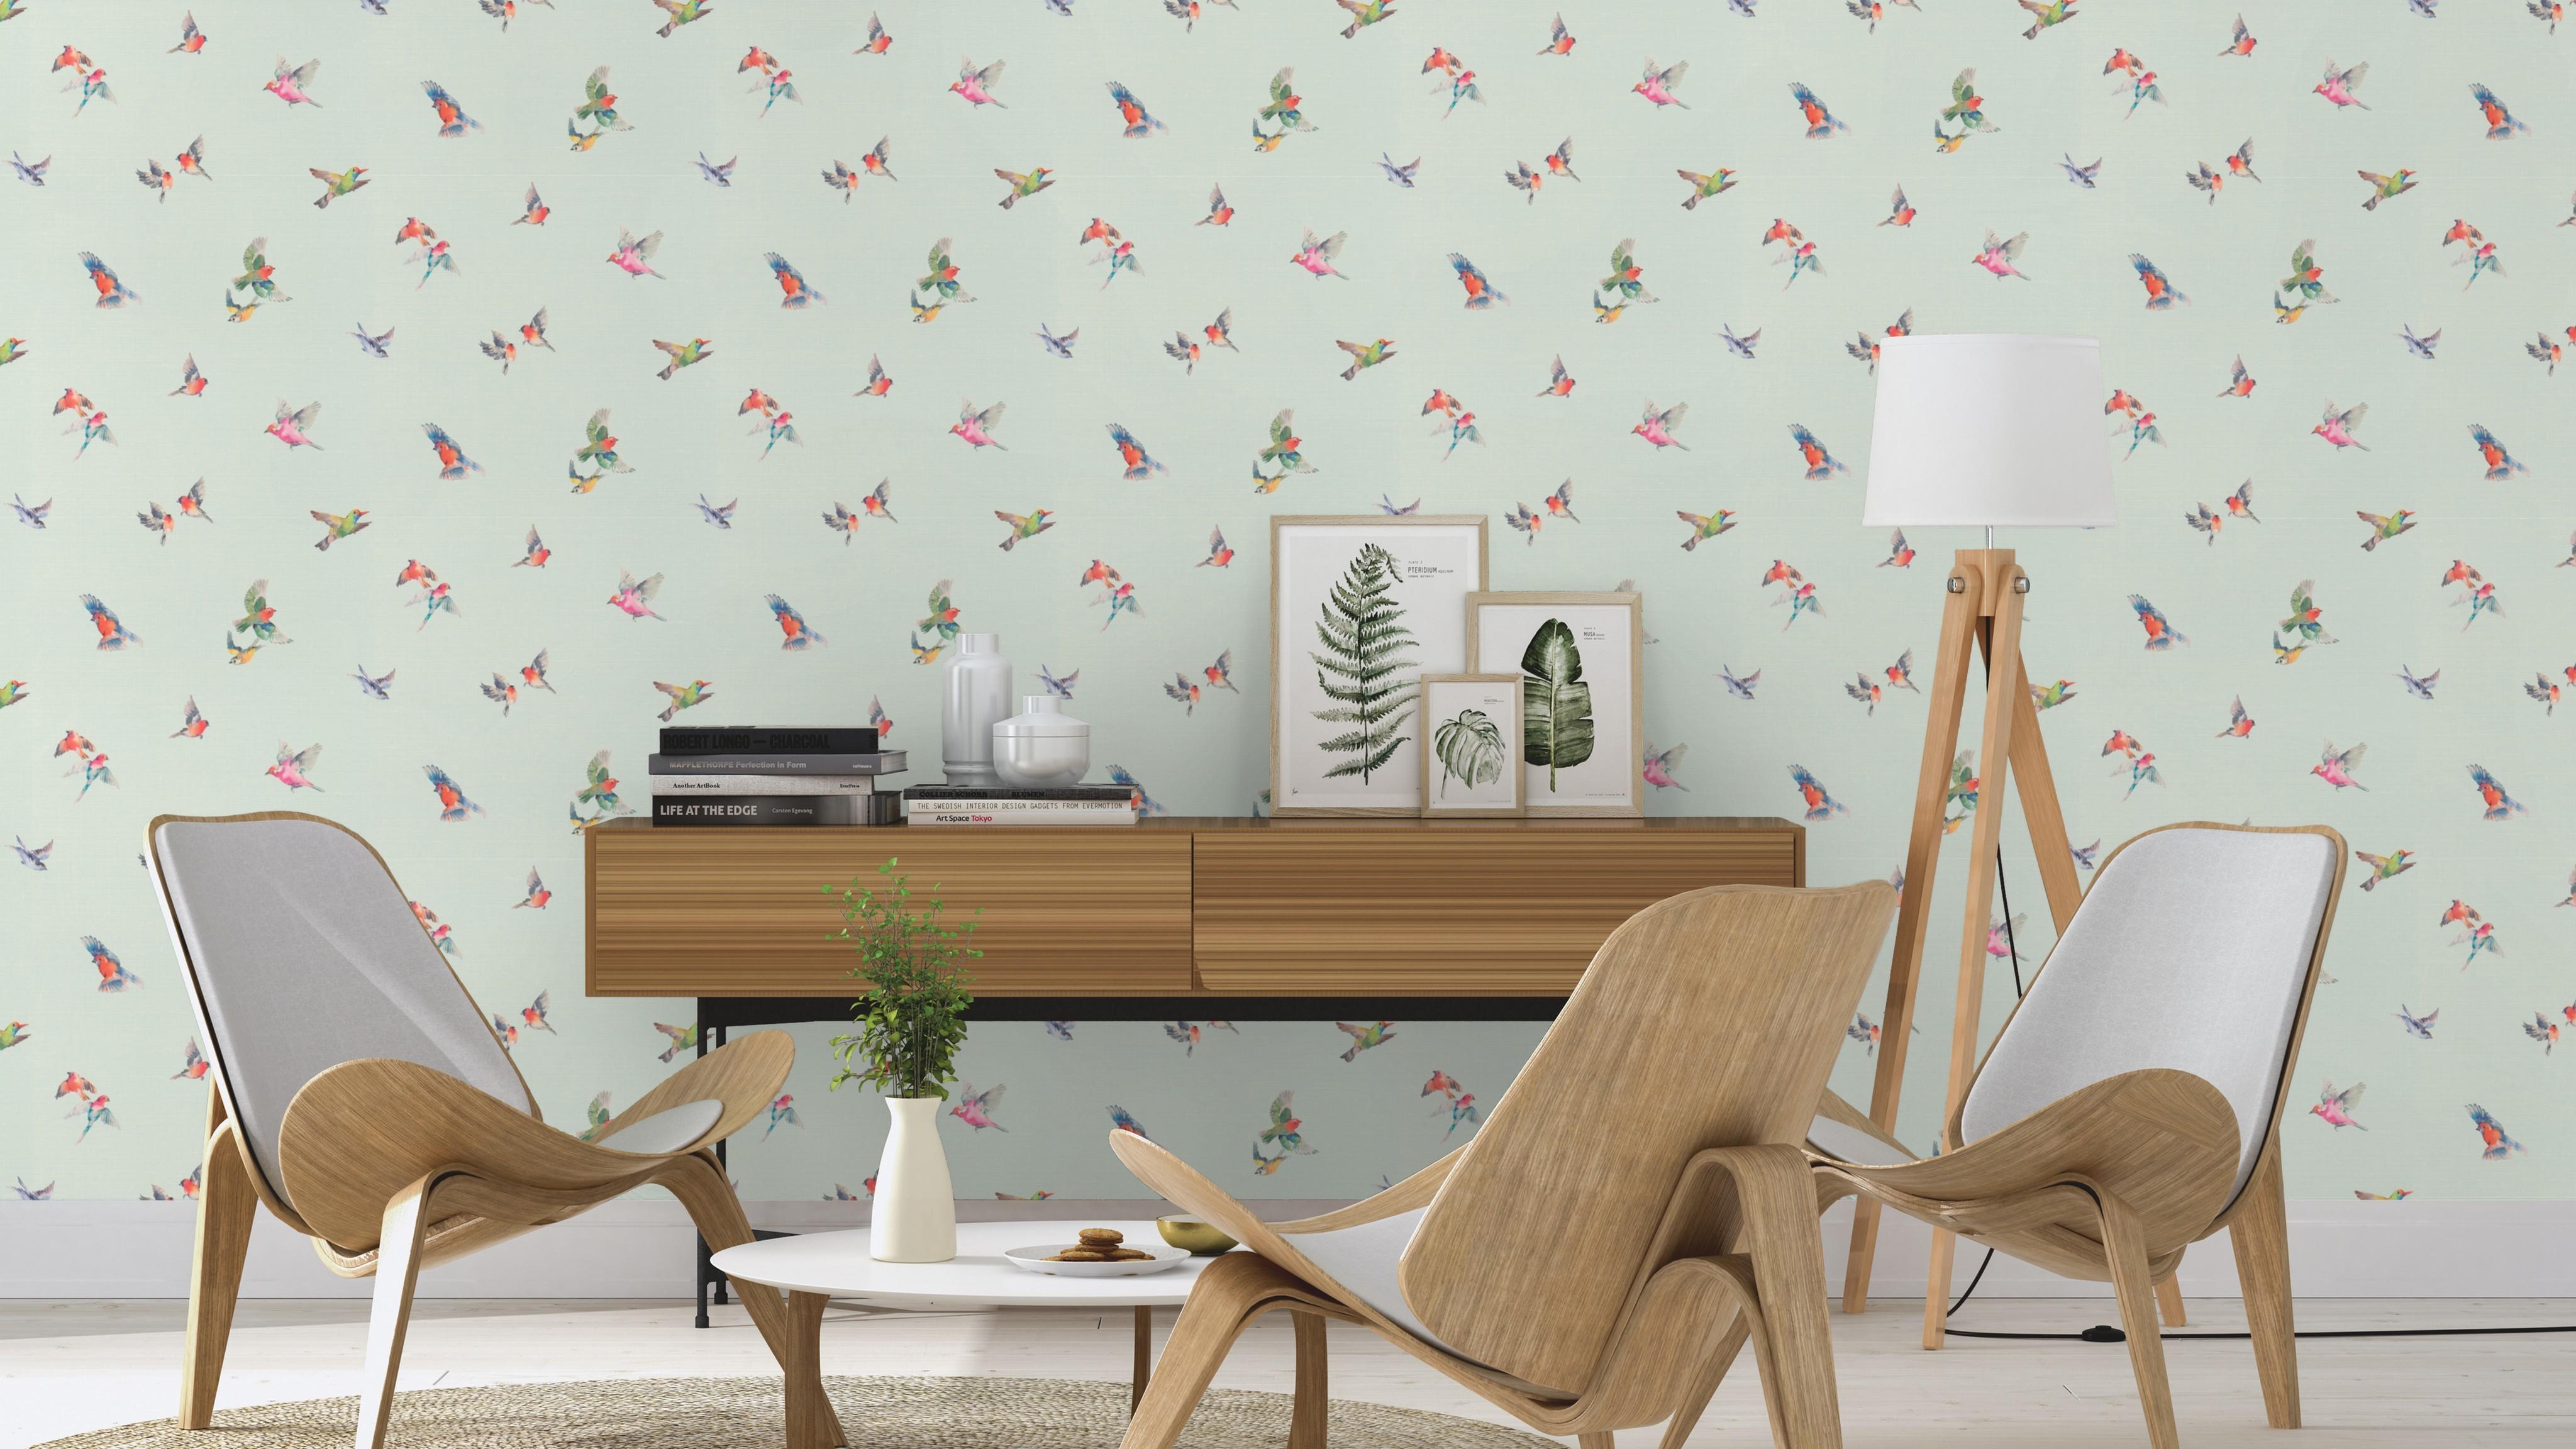 Színes madár mintás tapéta vintage hangulatban